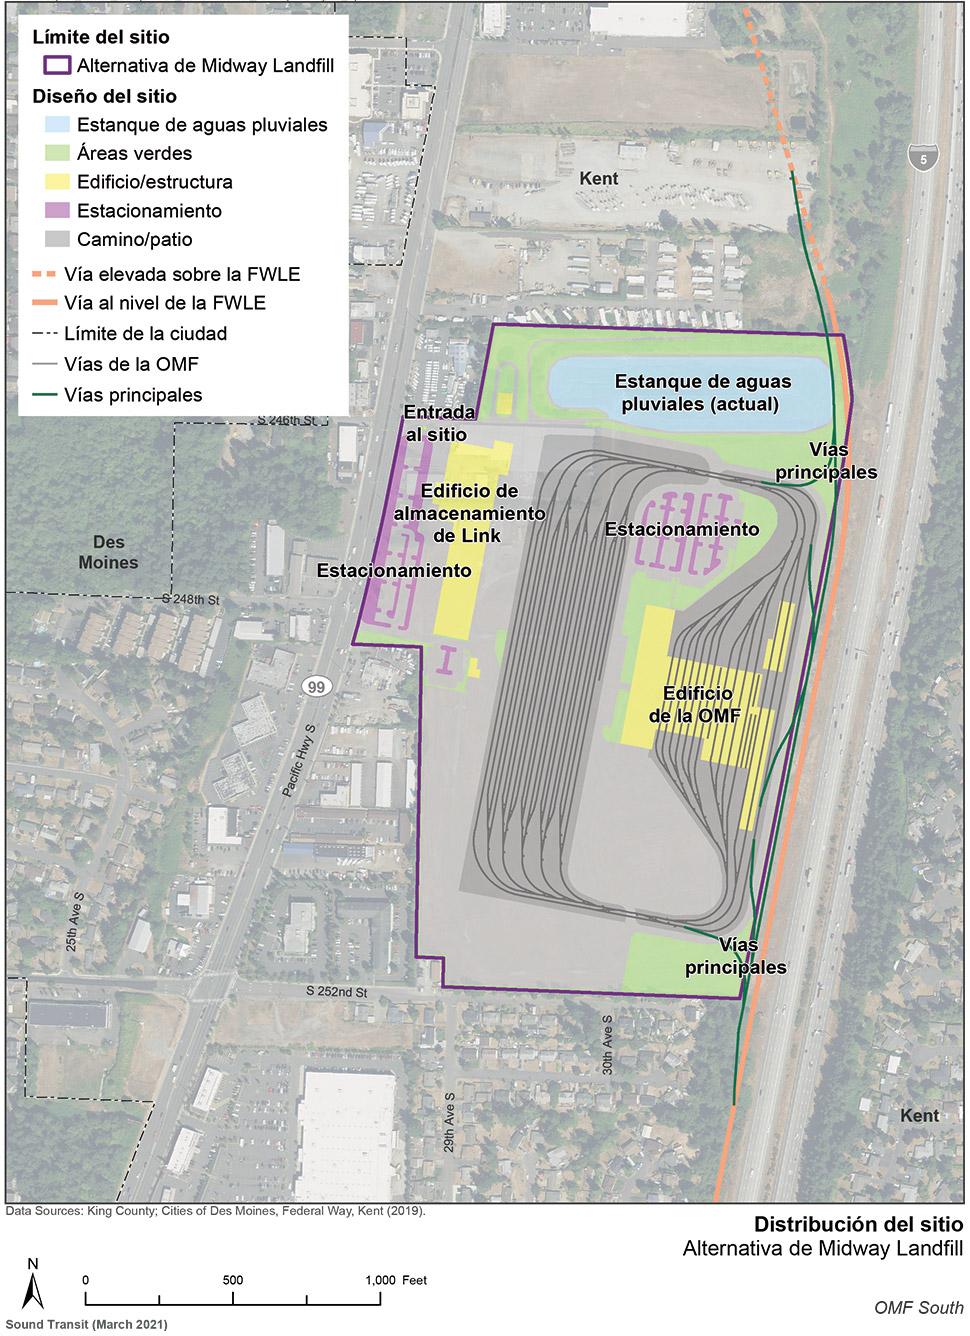 Mapa del sitio de la alternativa de Midway Landfill